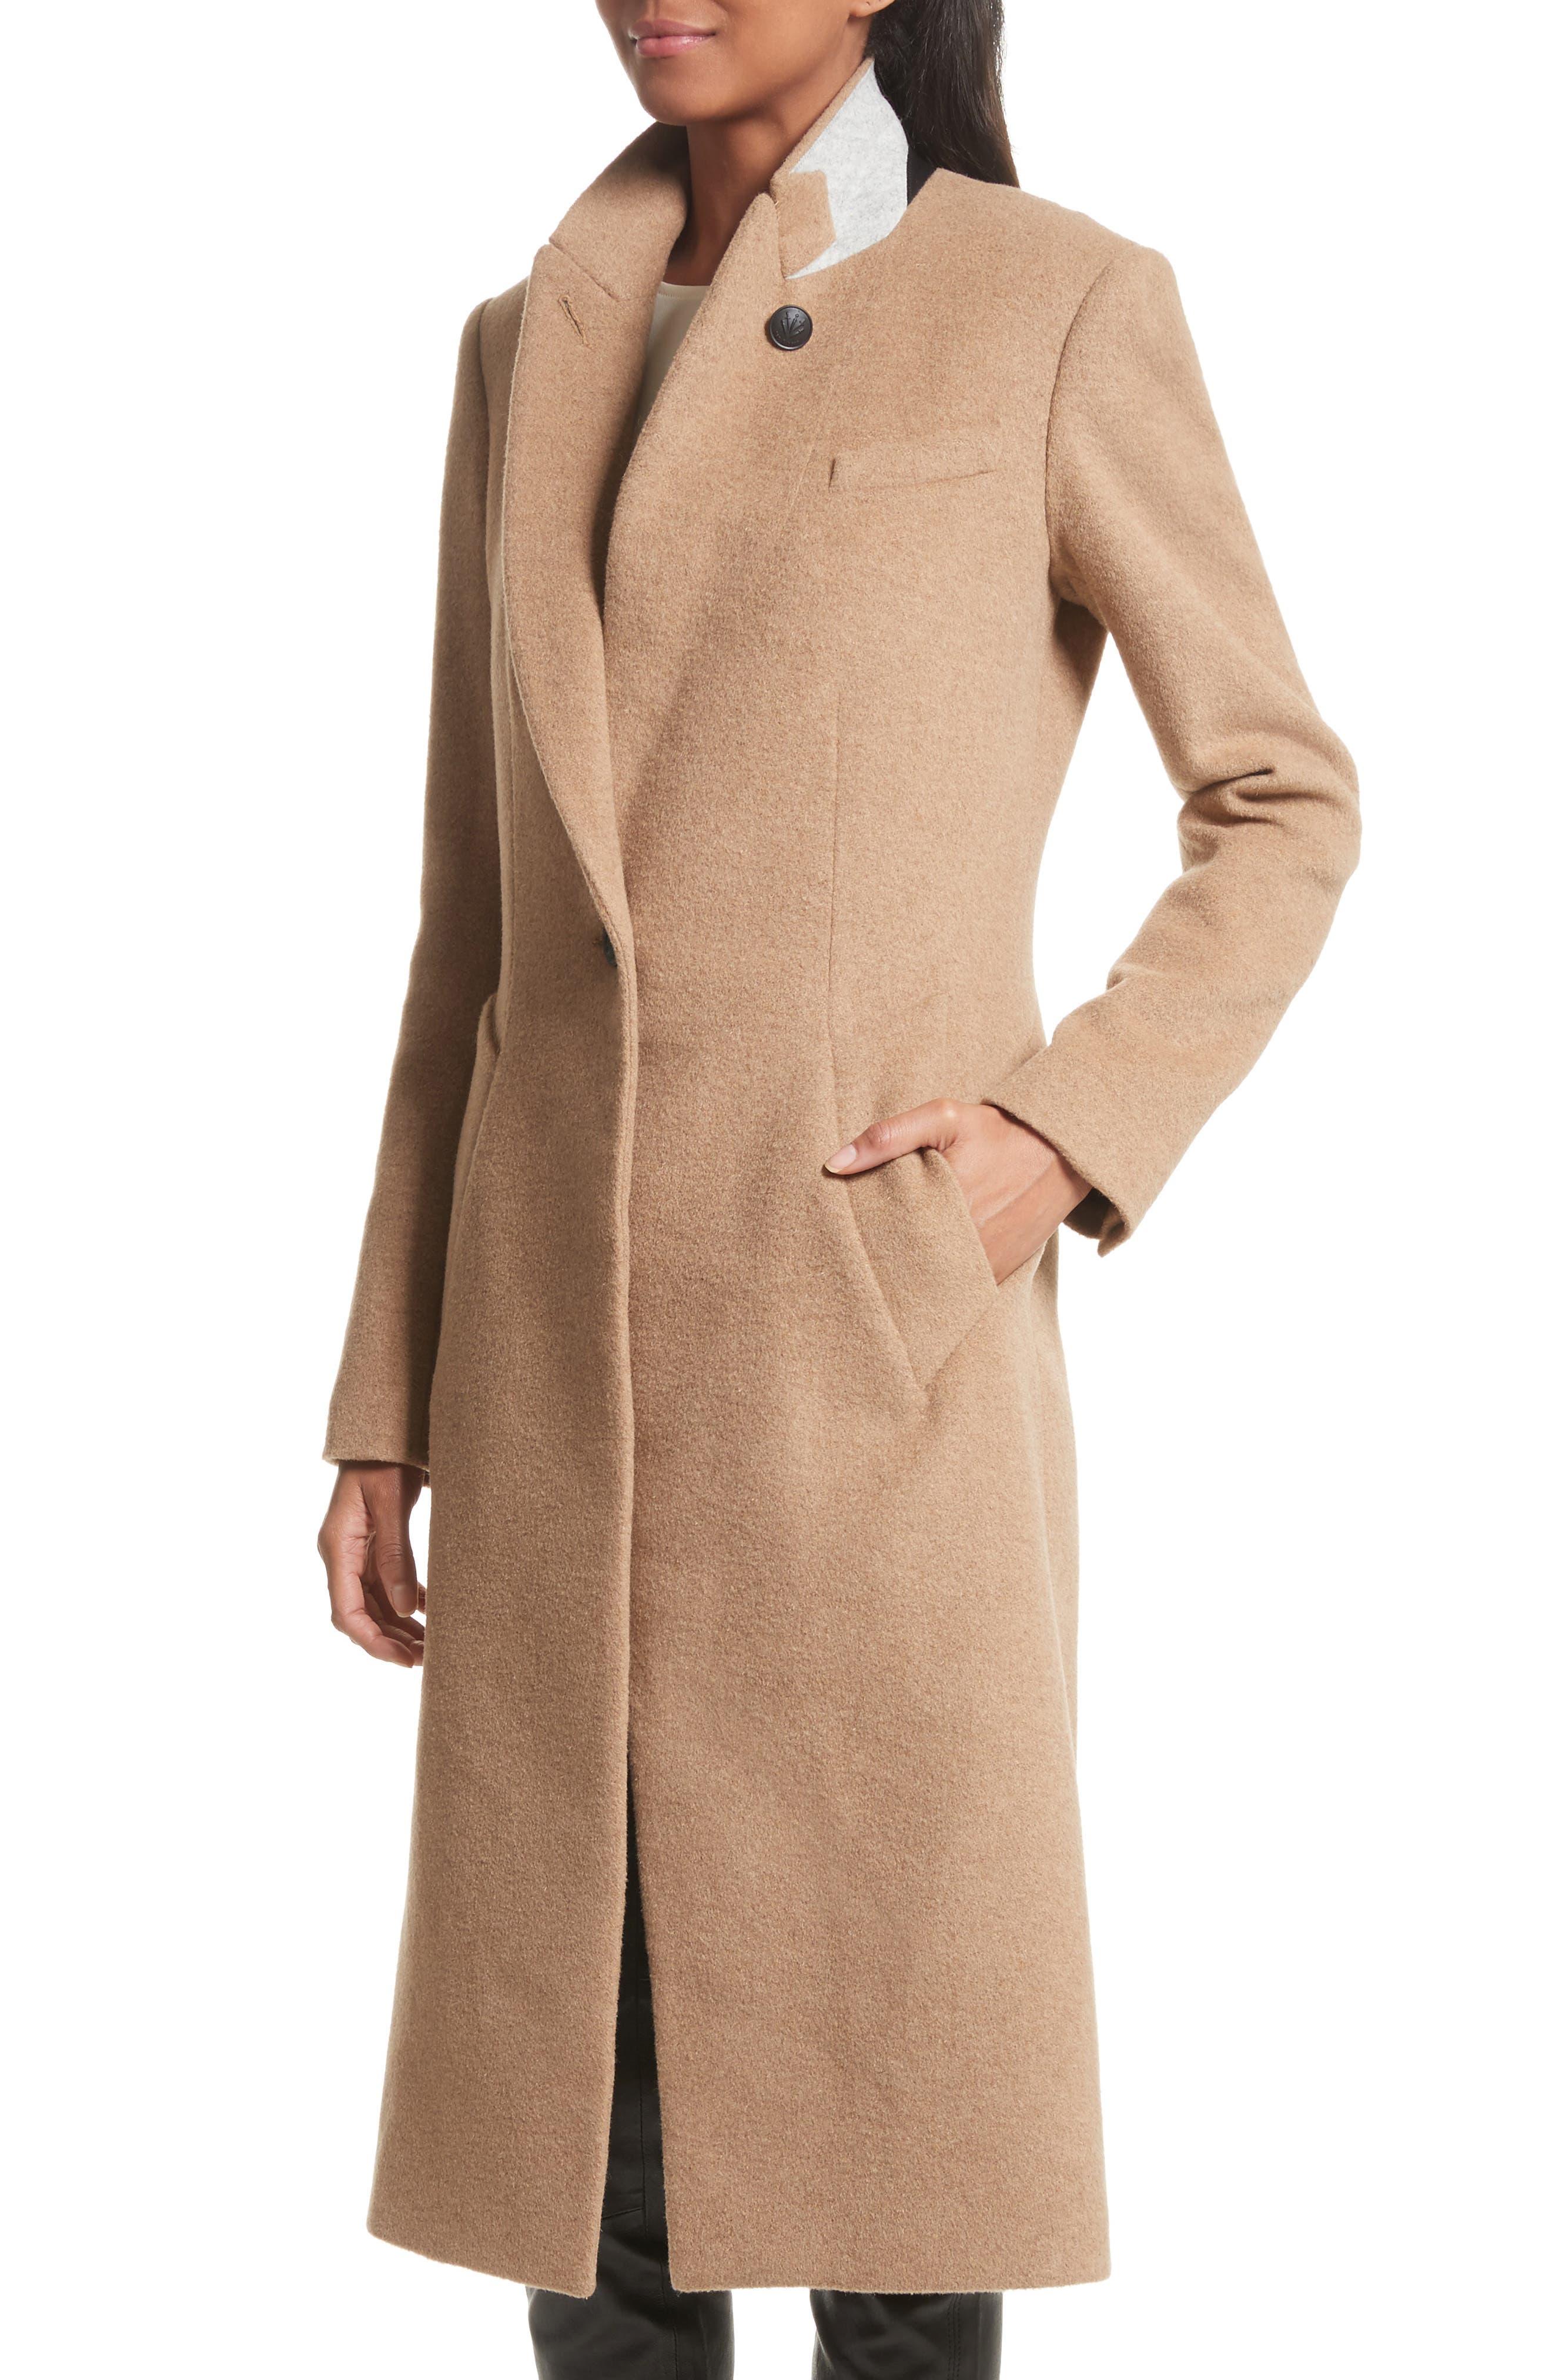 Duke Camel Hair Coat,                             Alternate thumbnail 4, color,                             202